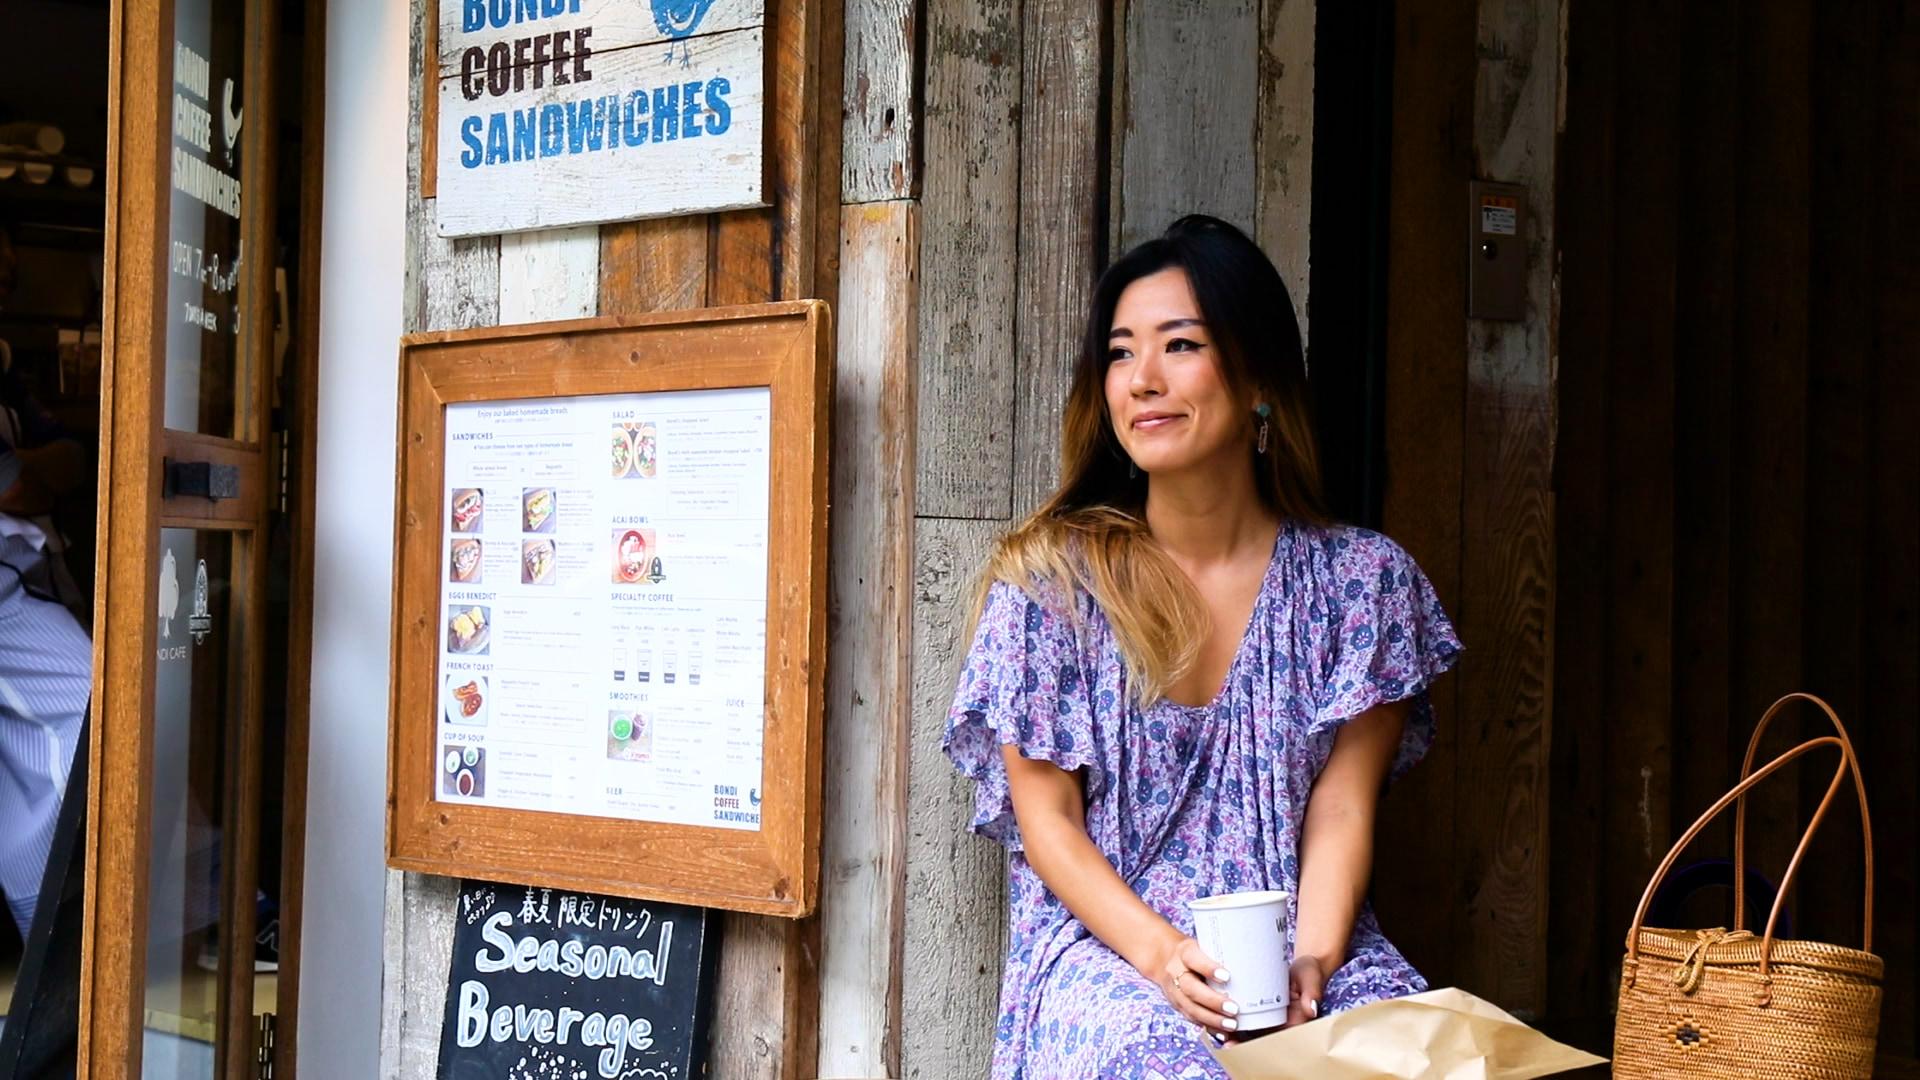 解放感抜群の朝カフェで素敵な1日を始めよう!【BONDI COFFEE SANDWICHES】